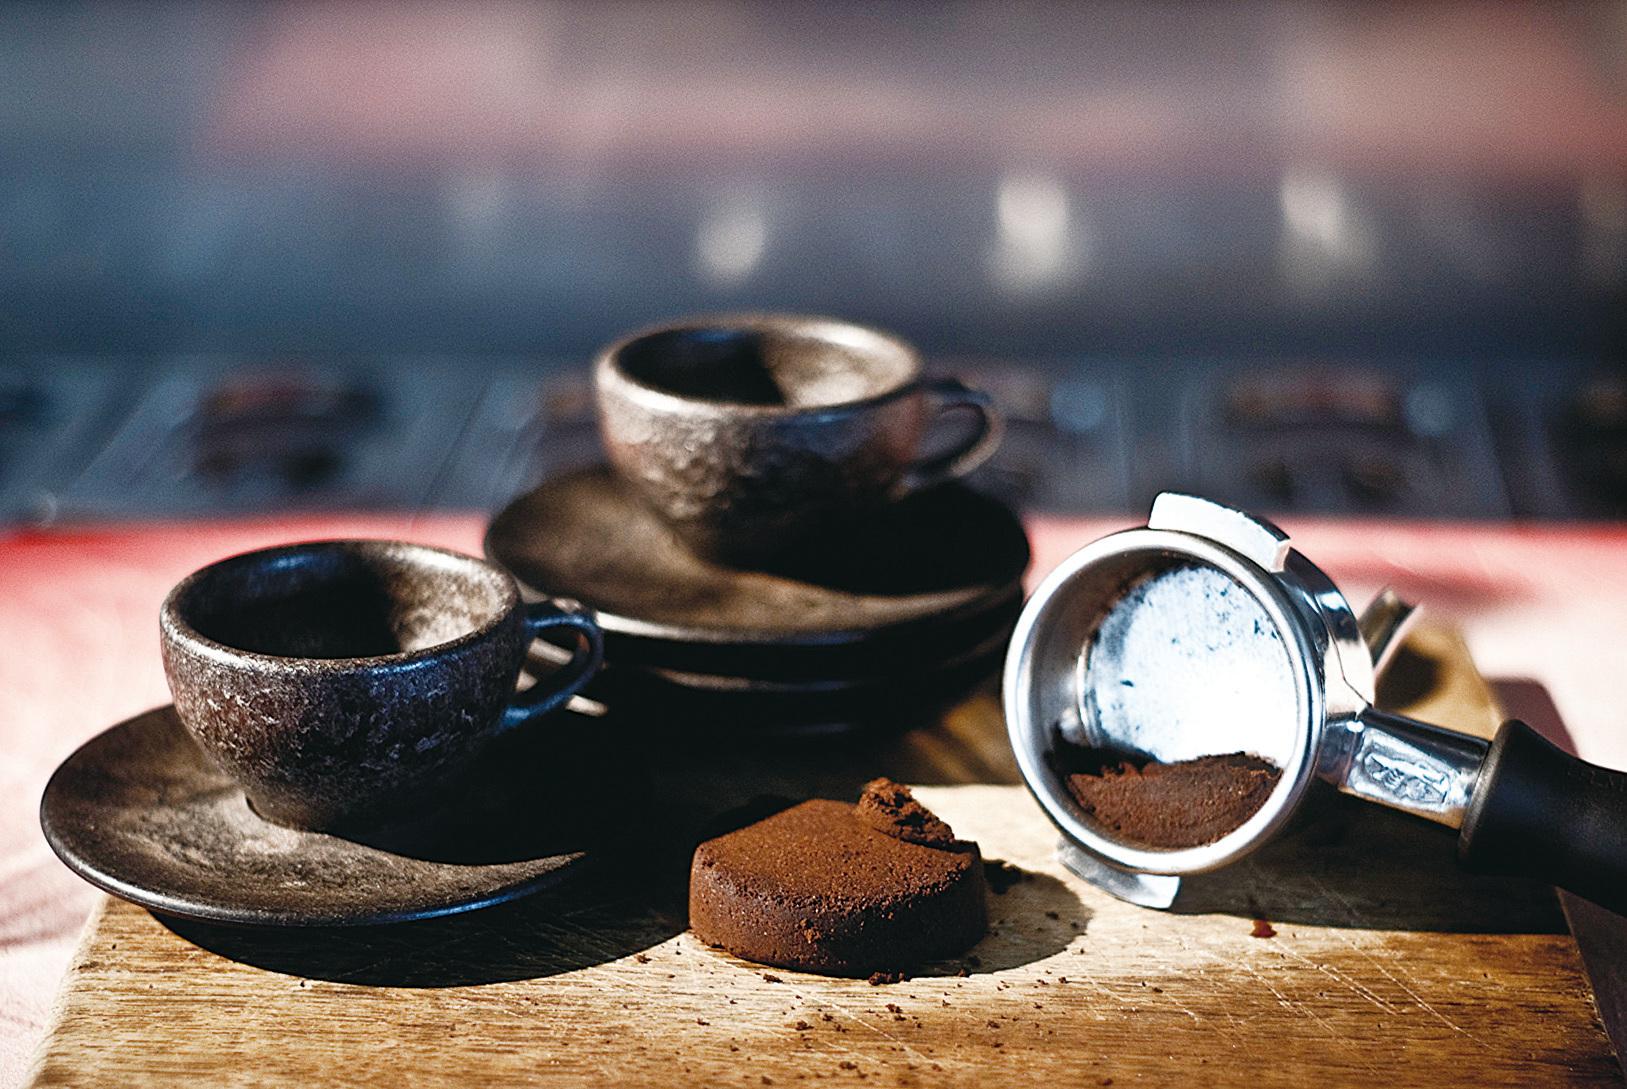 以咖啡渣為原料的環保可分解咖啡杯,在各咖啡館和餐廳都倍受歡迎。(Kaffeeform Instragram)